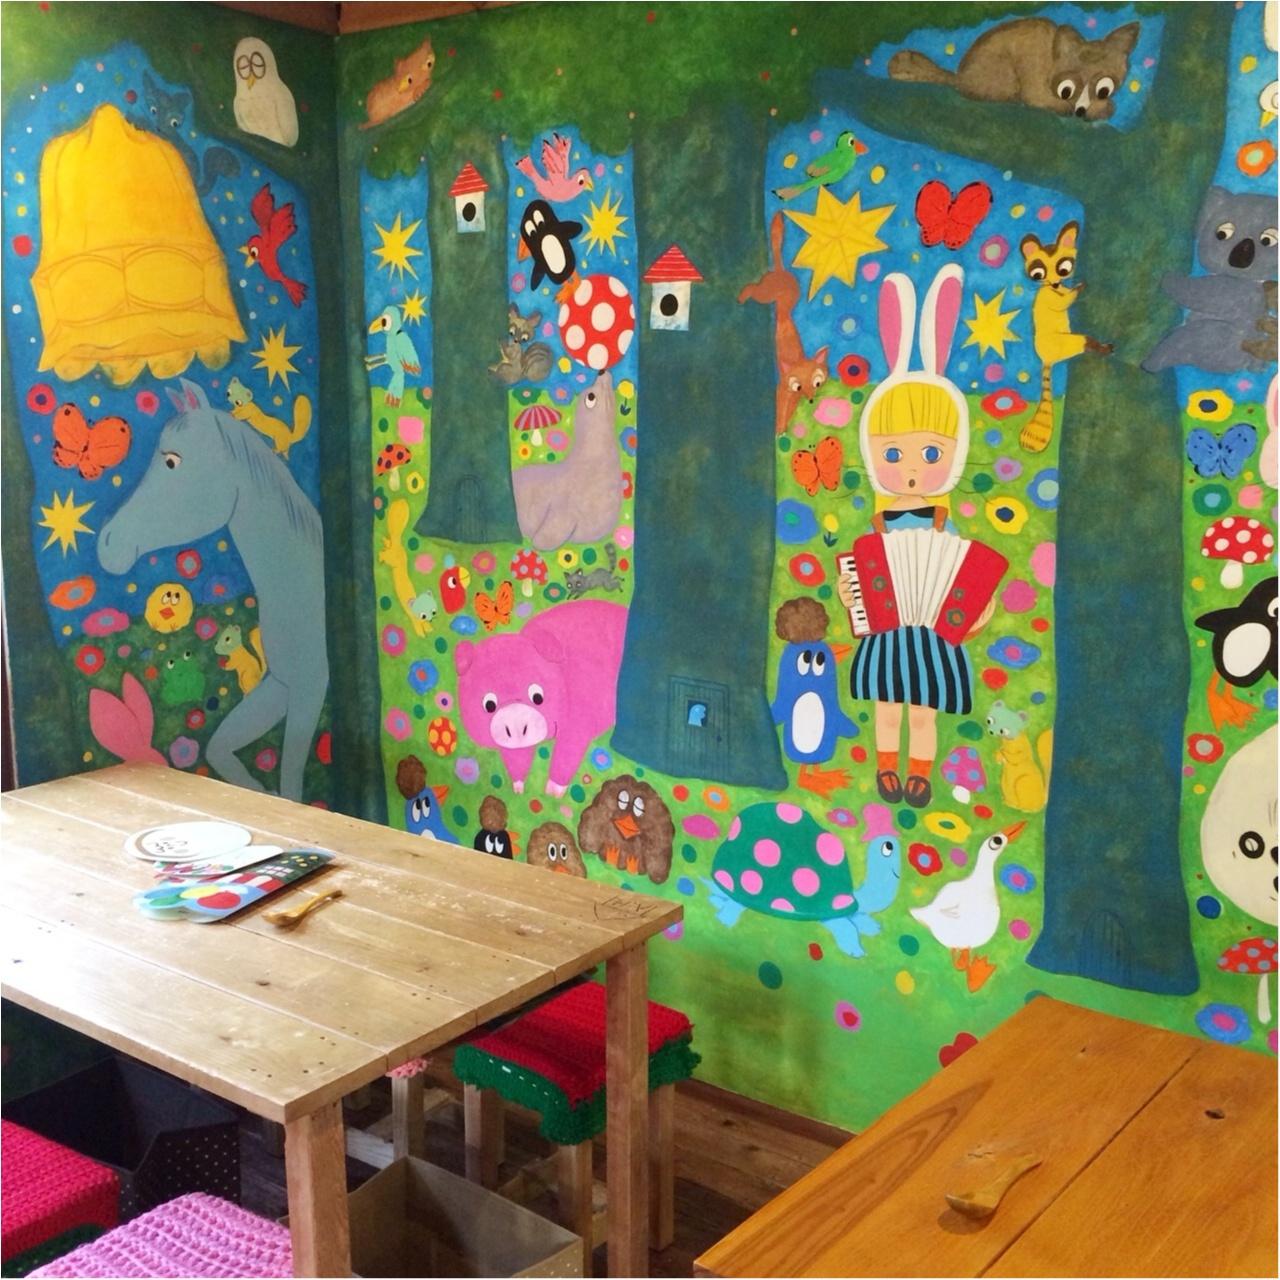 絵本の世界へようこそ♡ 吉祥寺にあるかわいいメルヘンカフェ ♡_2